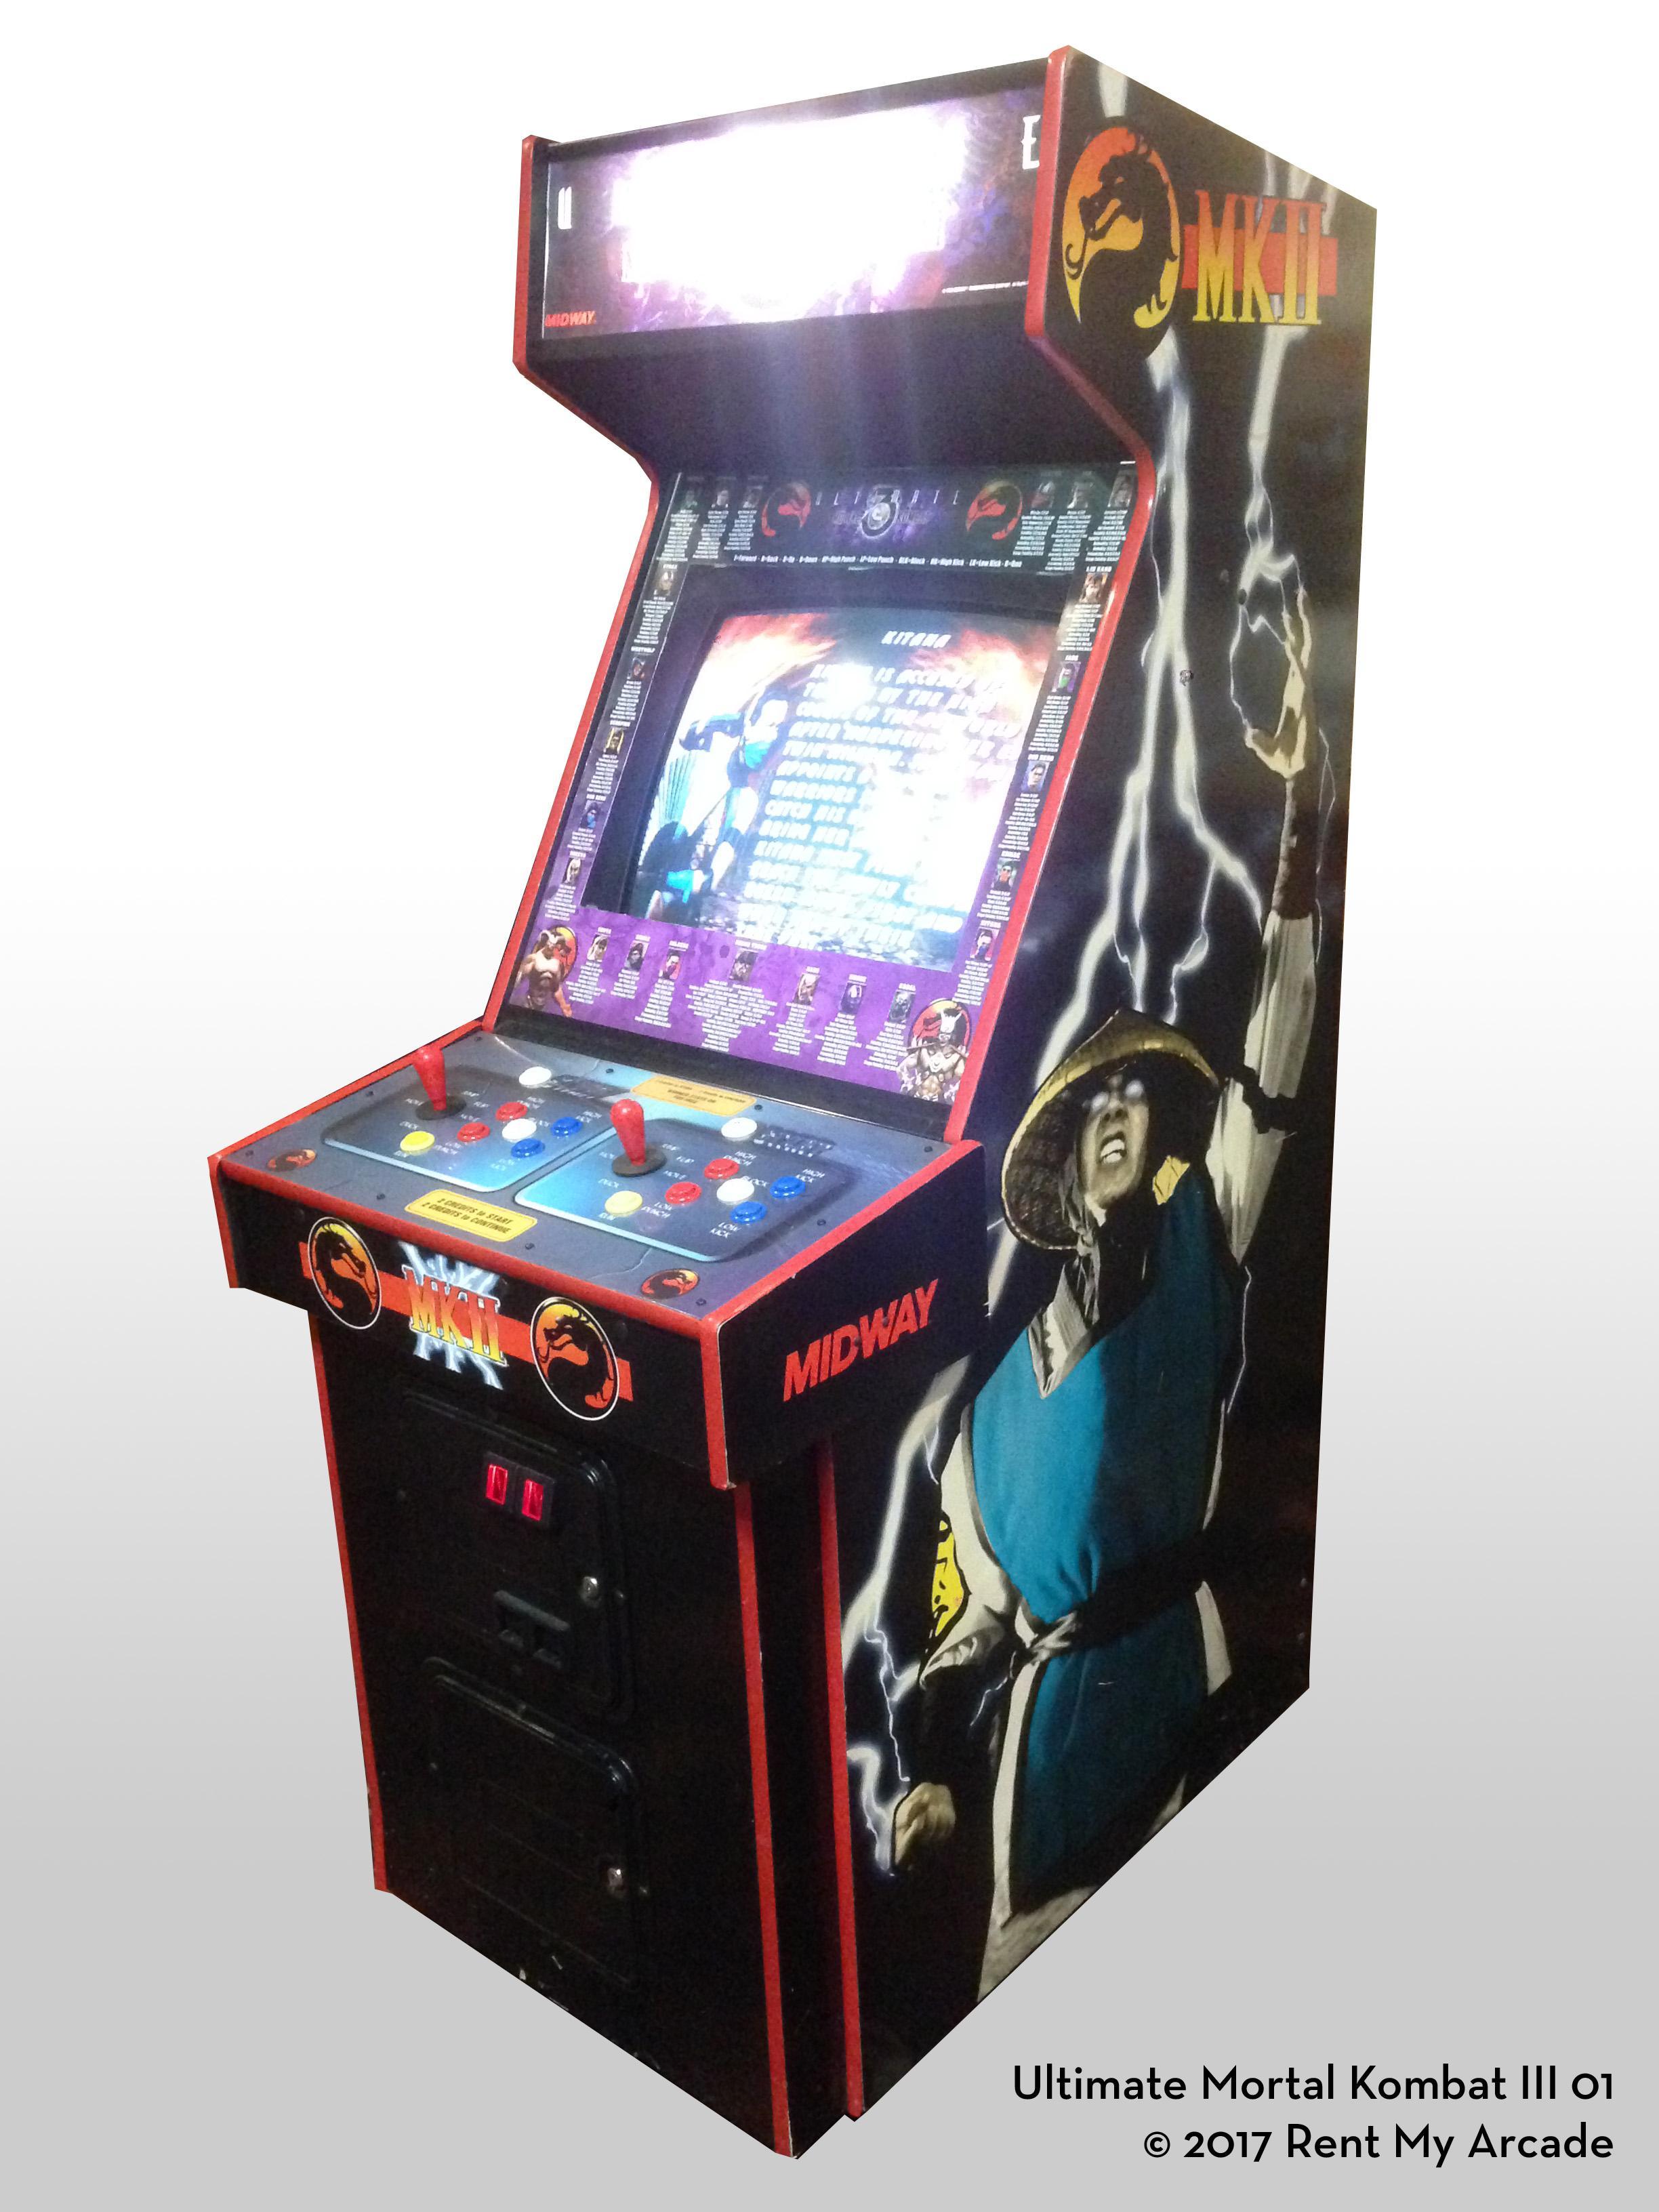 Mortal Kombat Ii Or Ultimate Mk3 Rent My Arcade